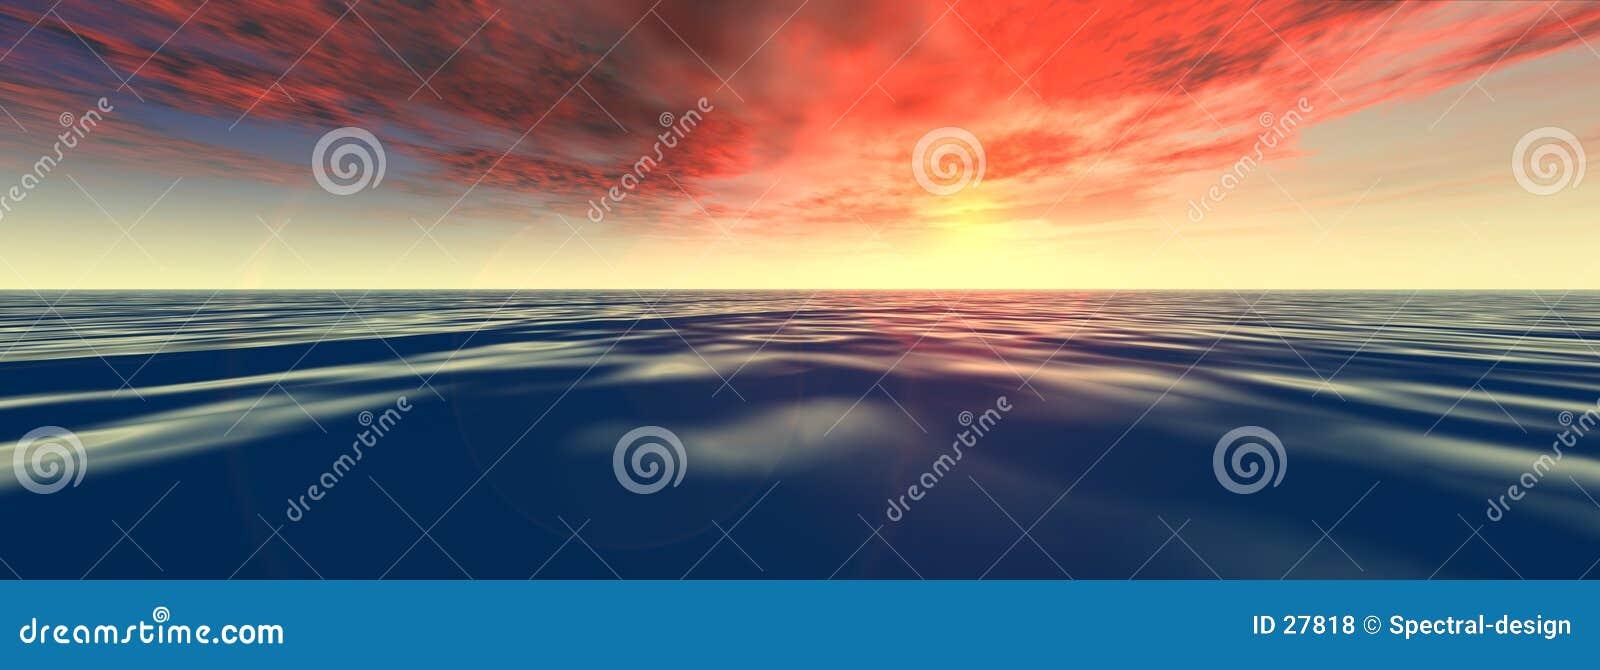 热带的海运